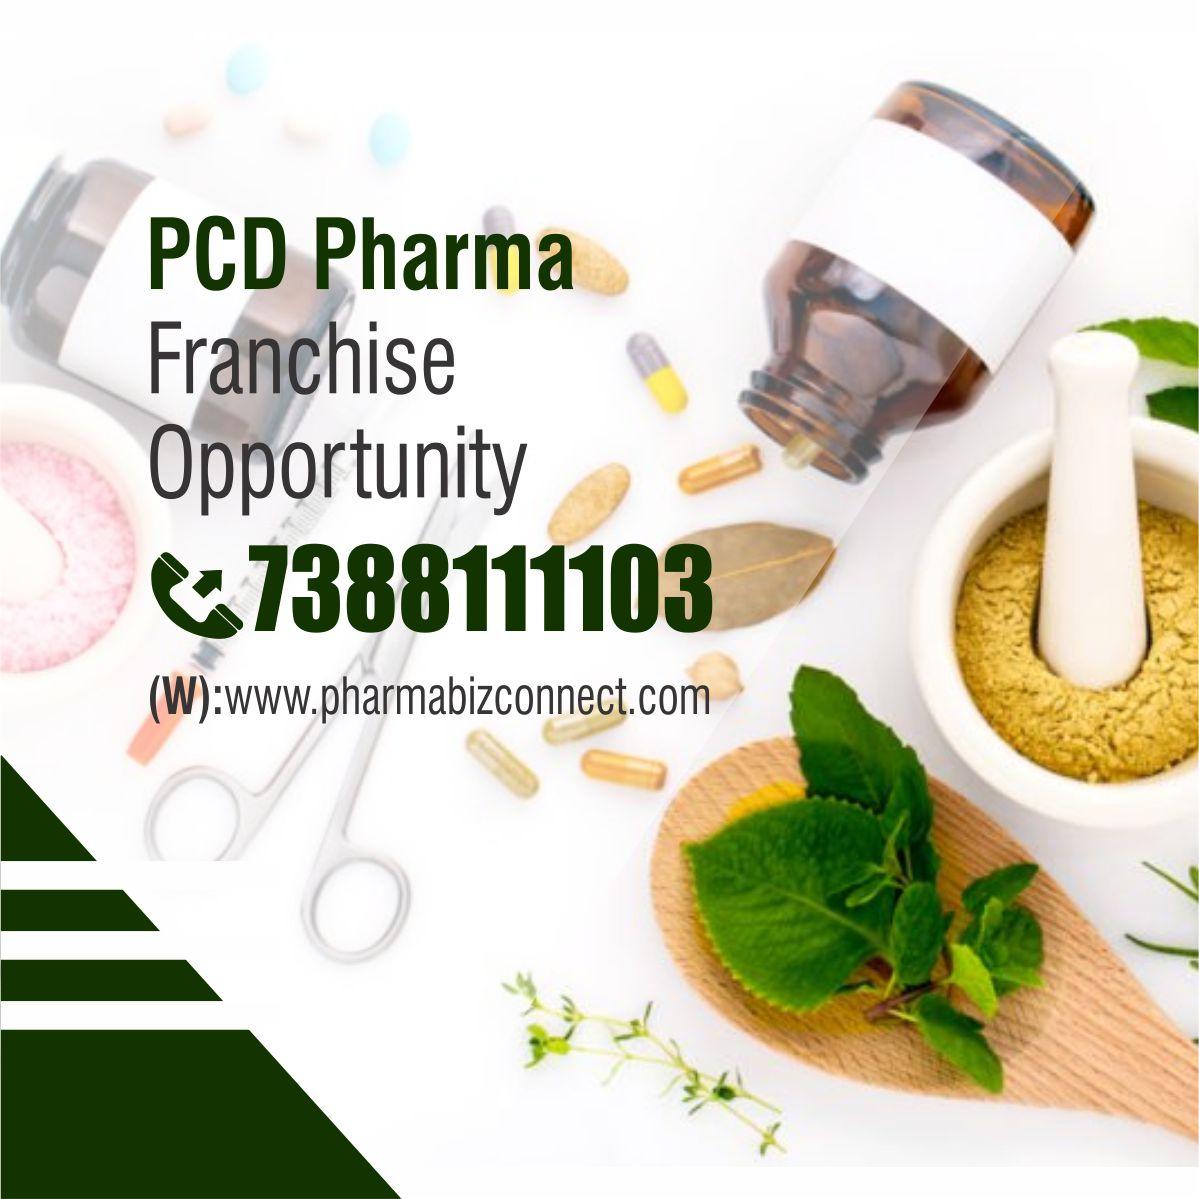 PCD Pharma Franchise